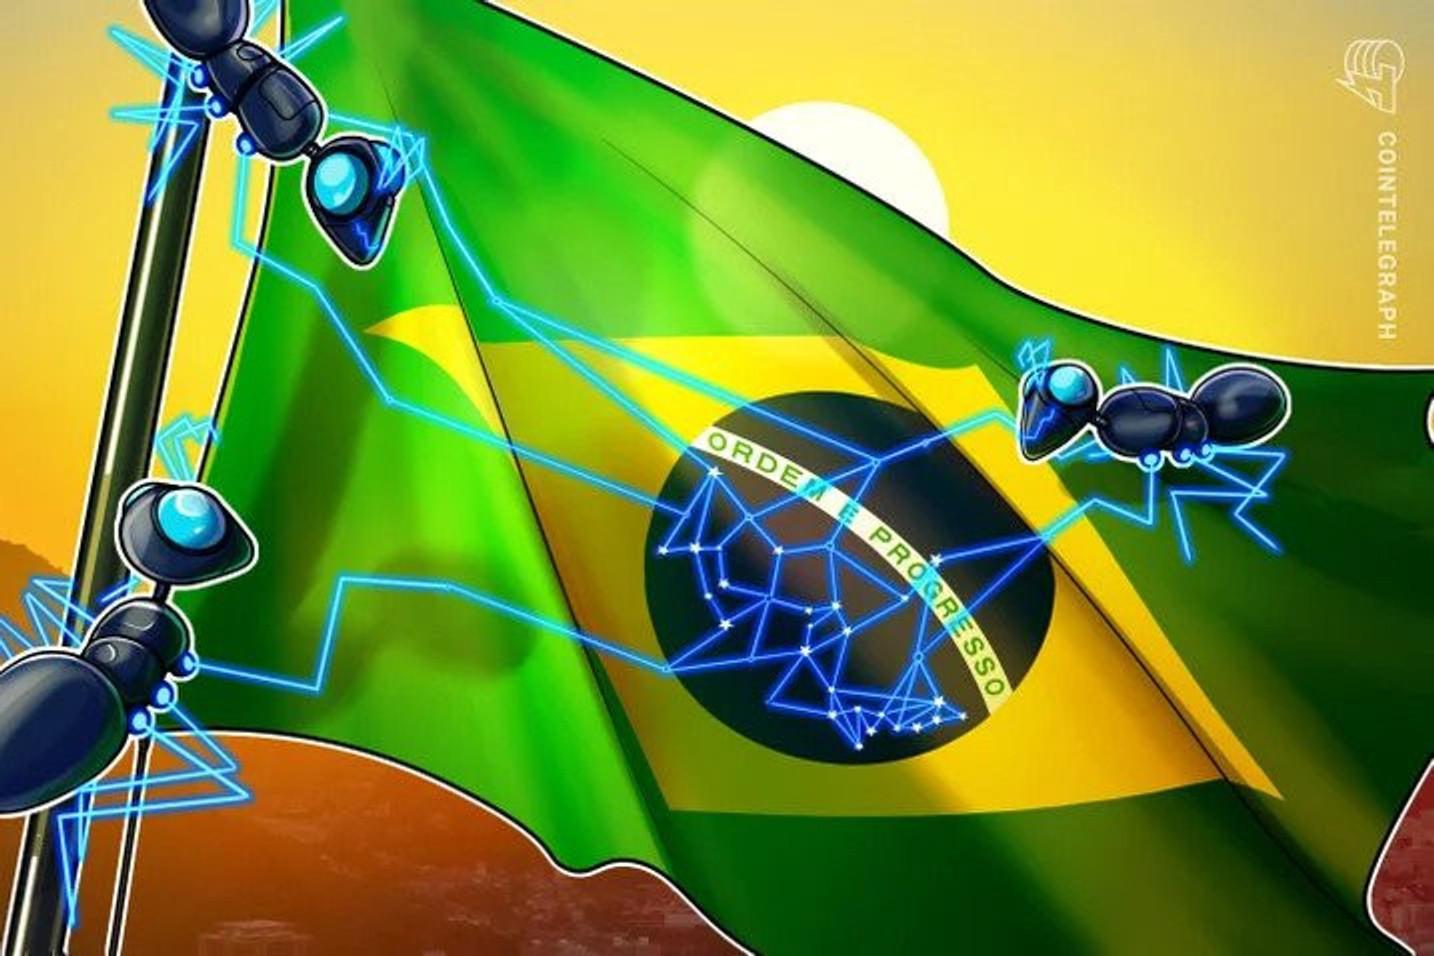 Notas de Real podem estar com os dias contados para acabar, diz Banco Central do Brasil